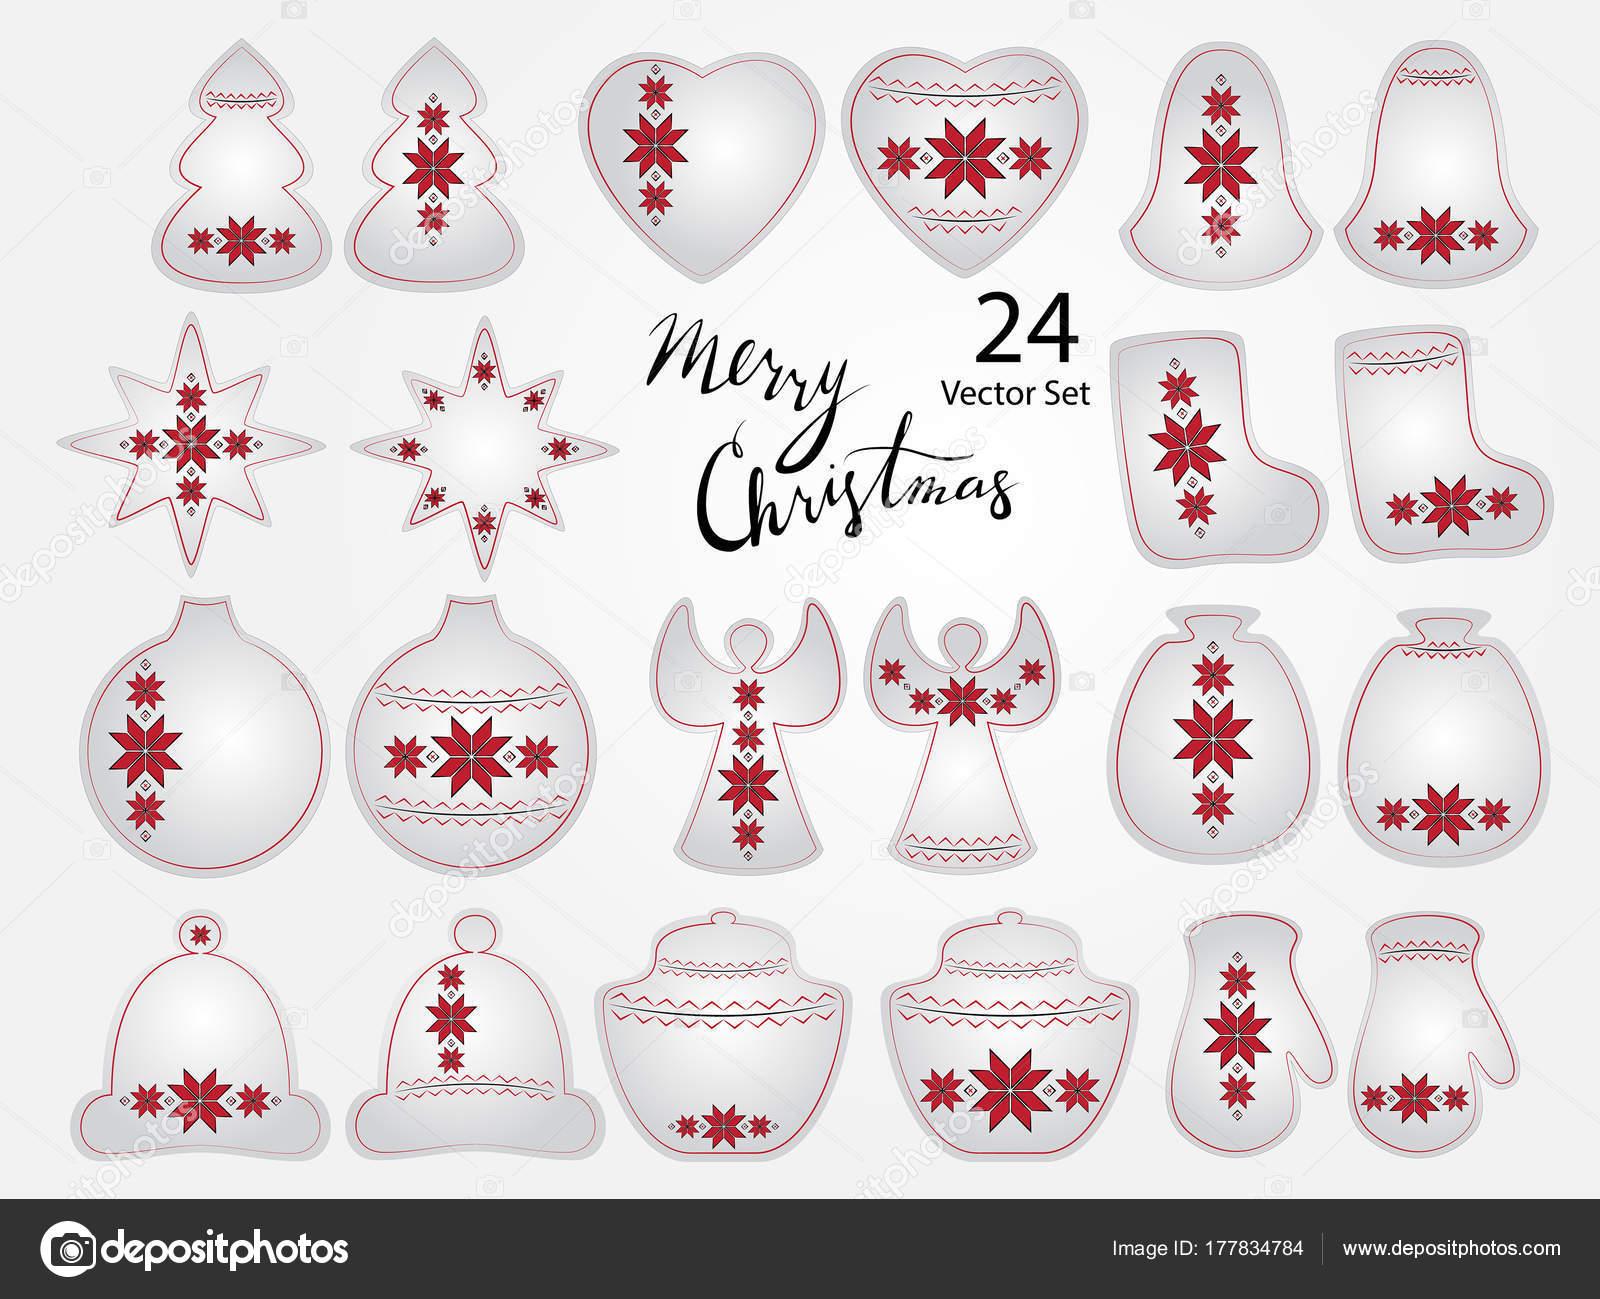 Elementos de la Navidad con bordado ucraniano — Archivo Imágenes ...